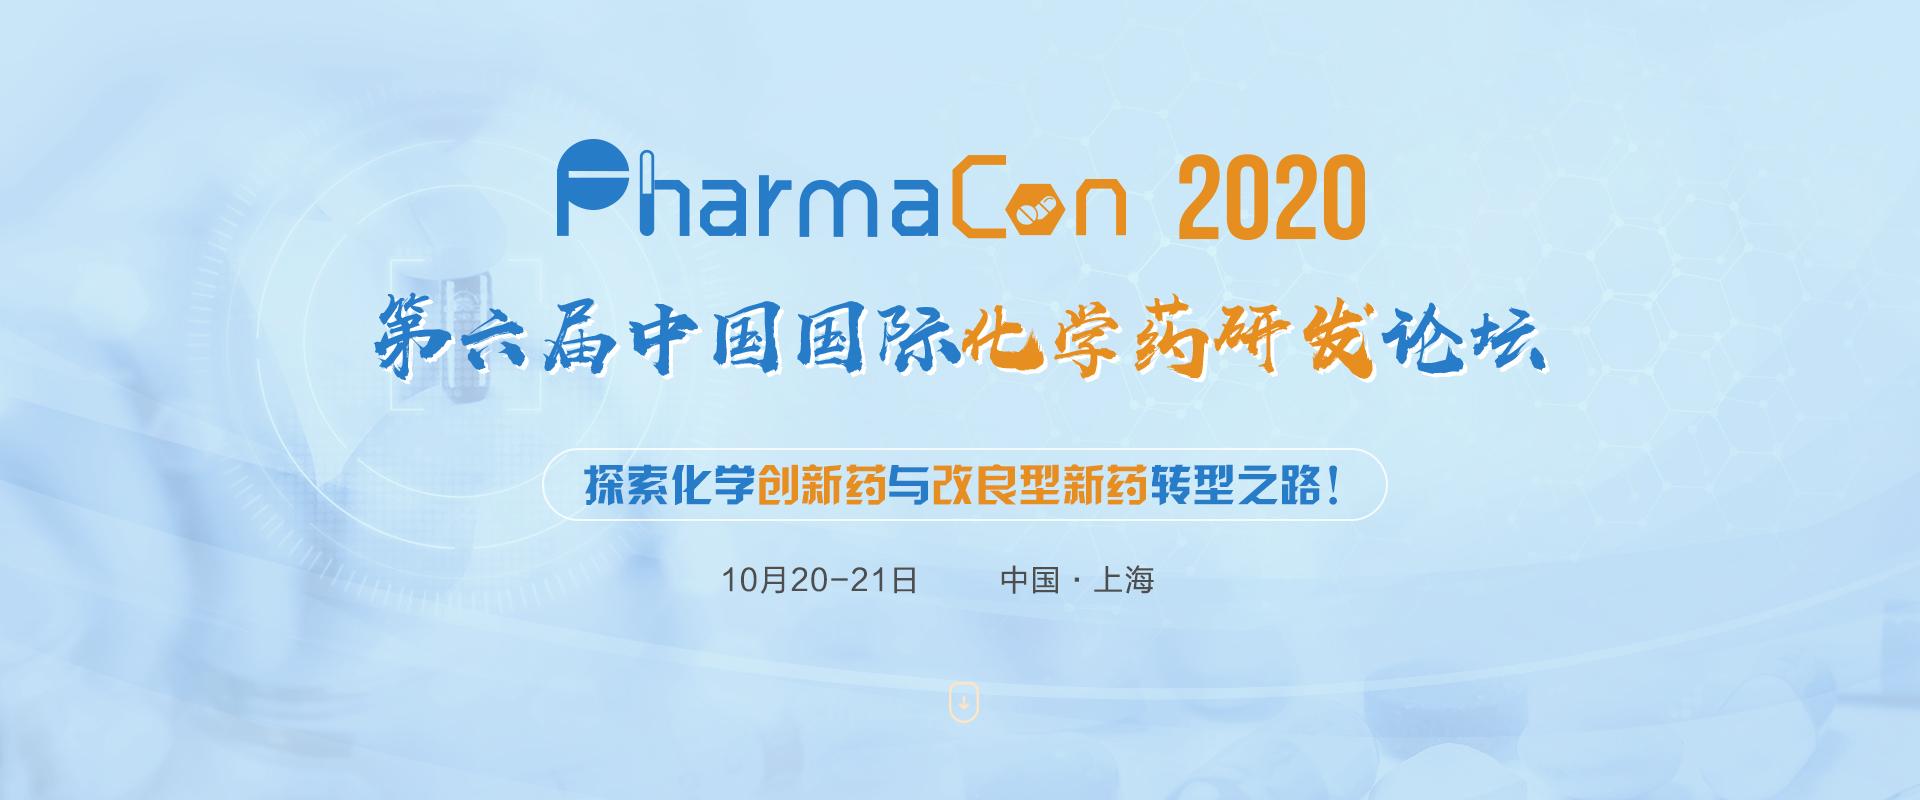 第六届中国国际化学药研发论坛